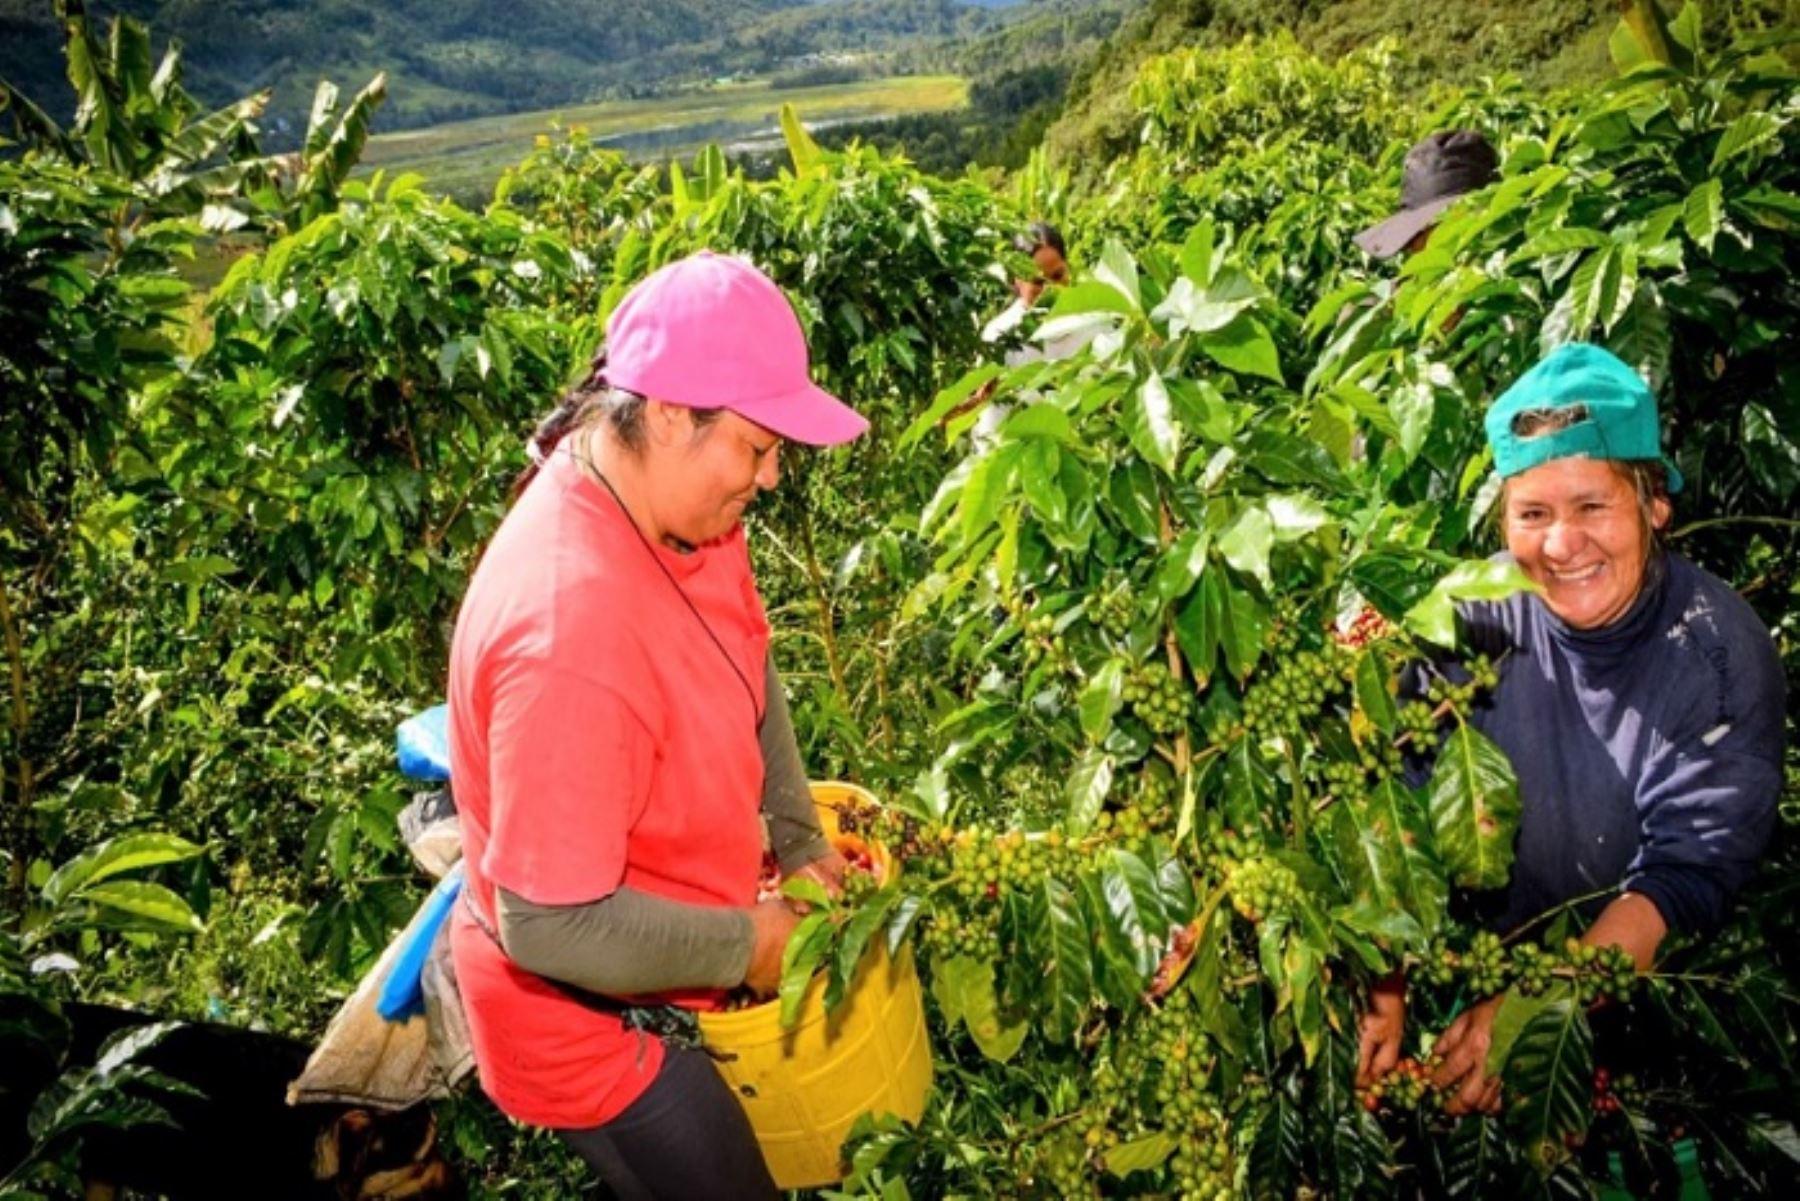 El Concurso de Emprendimientos para la Implementación de Servicios de Información Agraria que beneficiará a 100 mil pequeños y medianos productores de la región San Martín, con una inversión de 3 millones de soles, será lanzado por el Ministerio de Agricultura y Riego (Minagri) y el gobierno regional, a través de su unidad ejecutora la Dirección Regional de Agricultura.